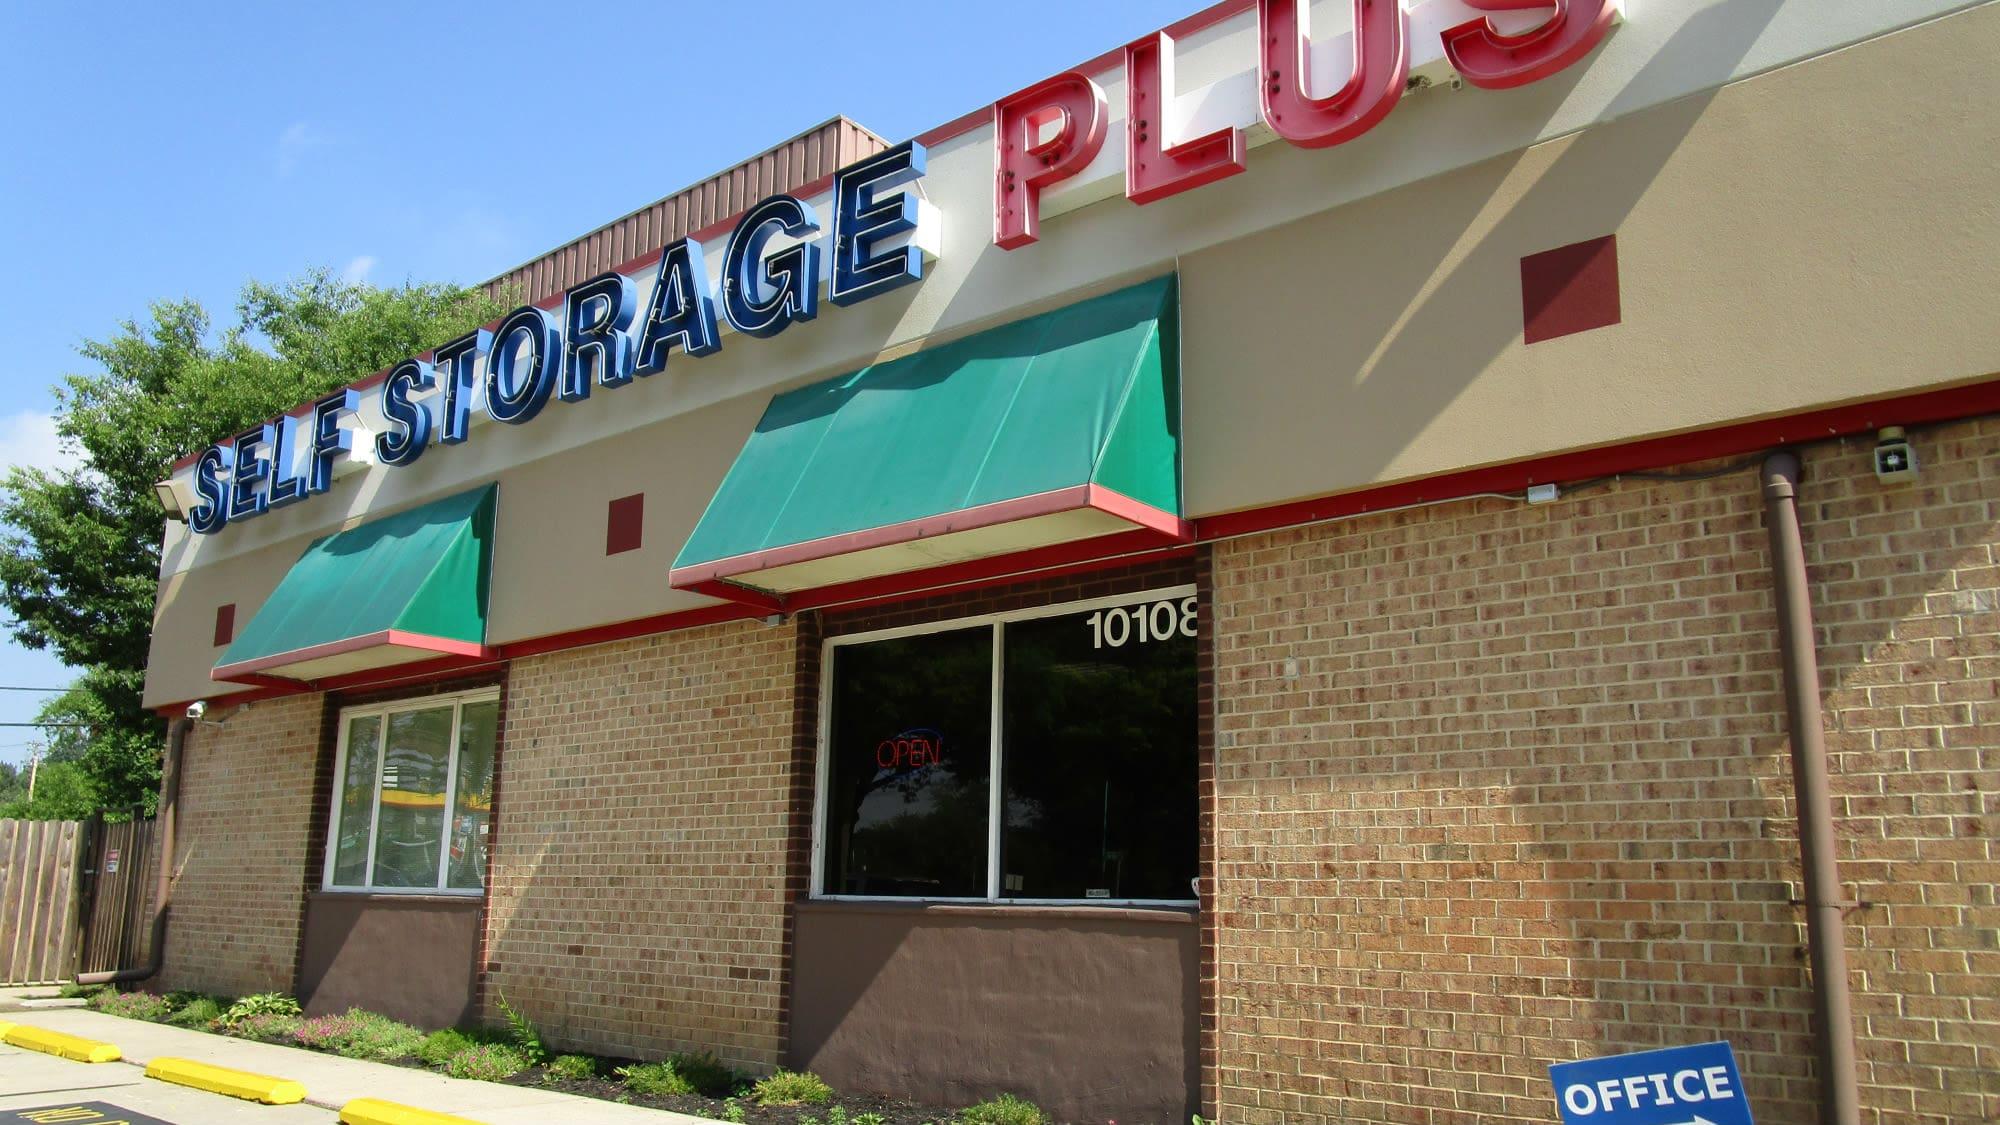 Exterior view of Self Storage Plus in Lanham, MD